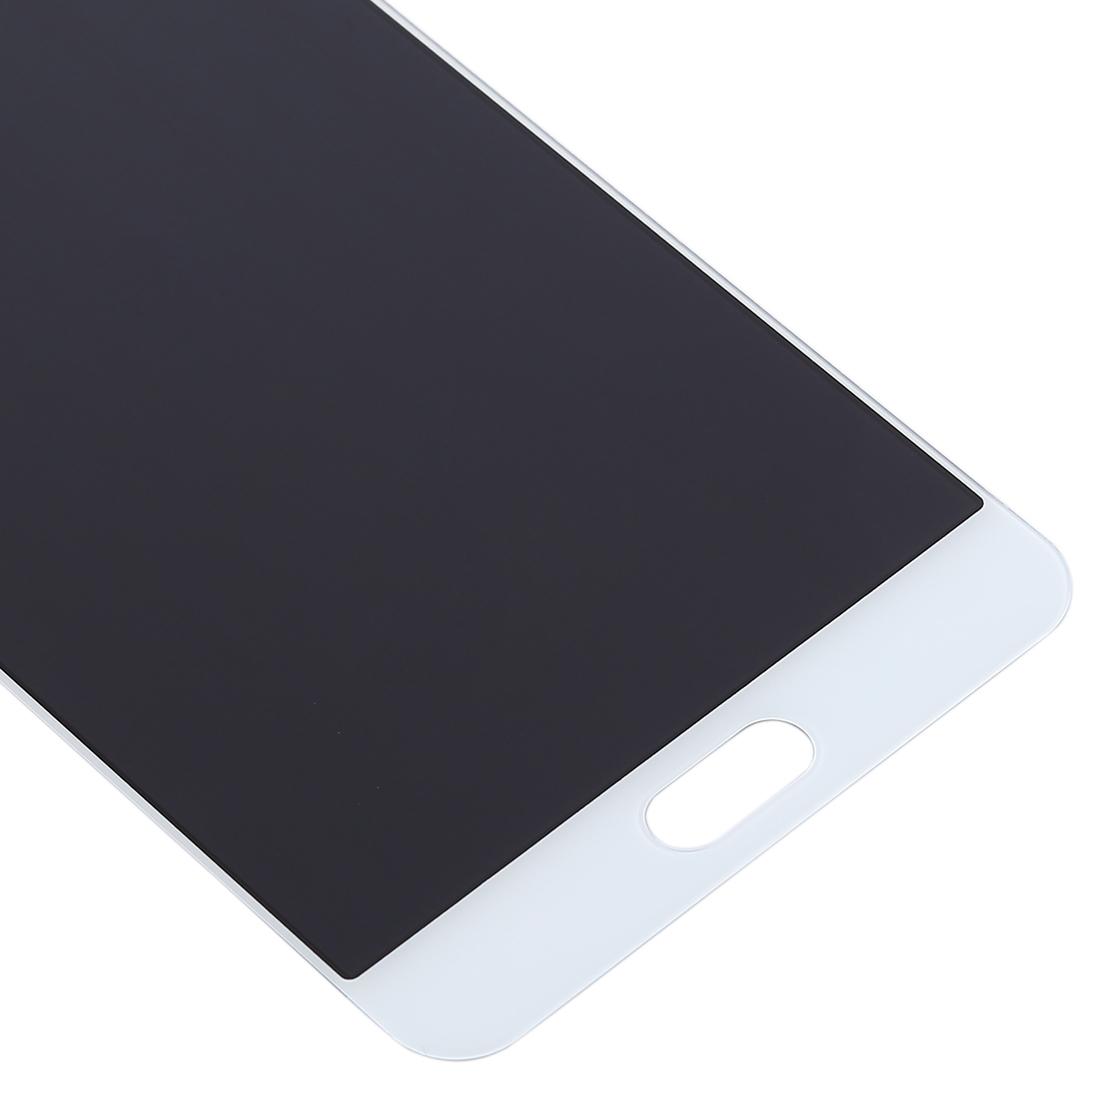 ال-سی-دی-تی-اف-تی-TFT-سامسونگ-گلکسی-ای-سون-Samsung-SM-A510F-Galaxy-A7-2016..jpg